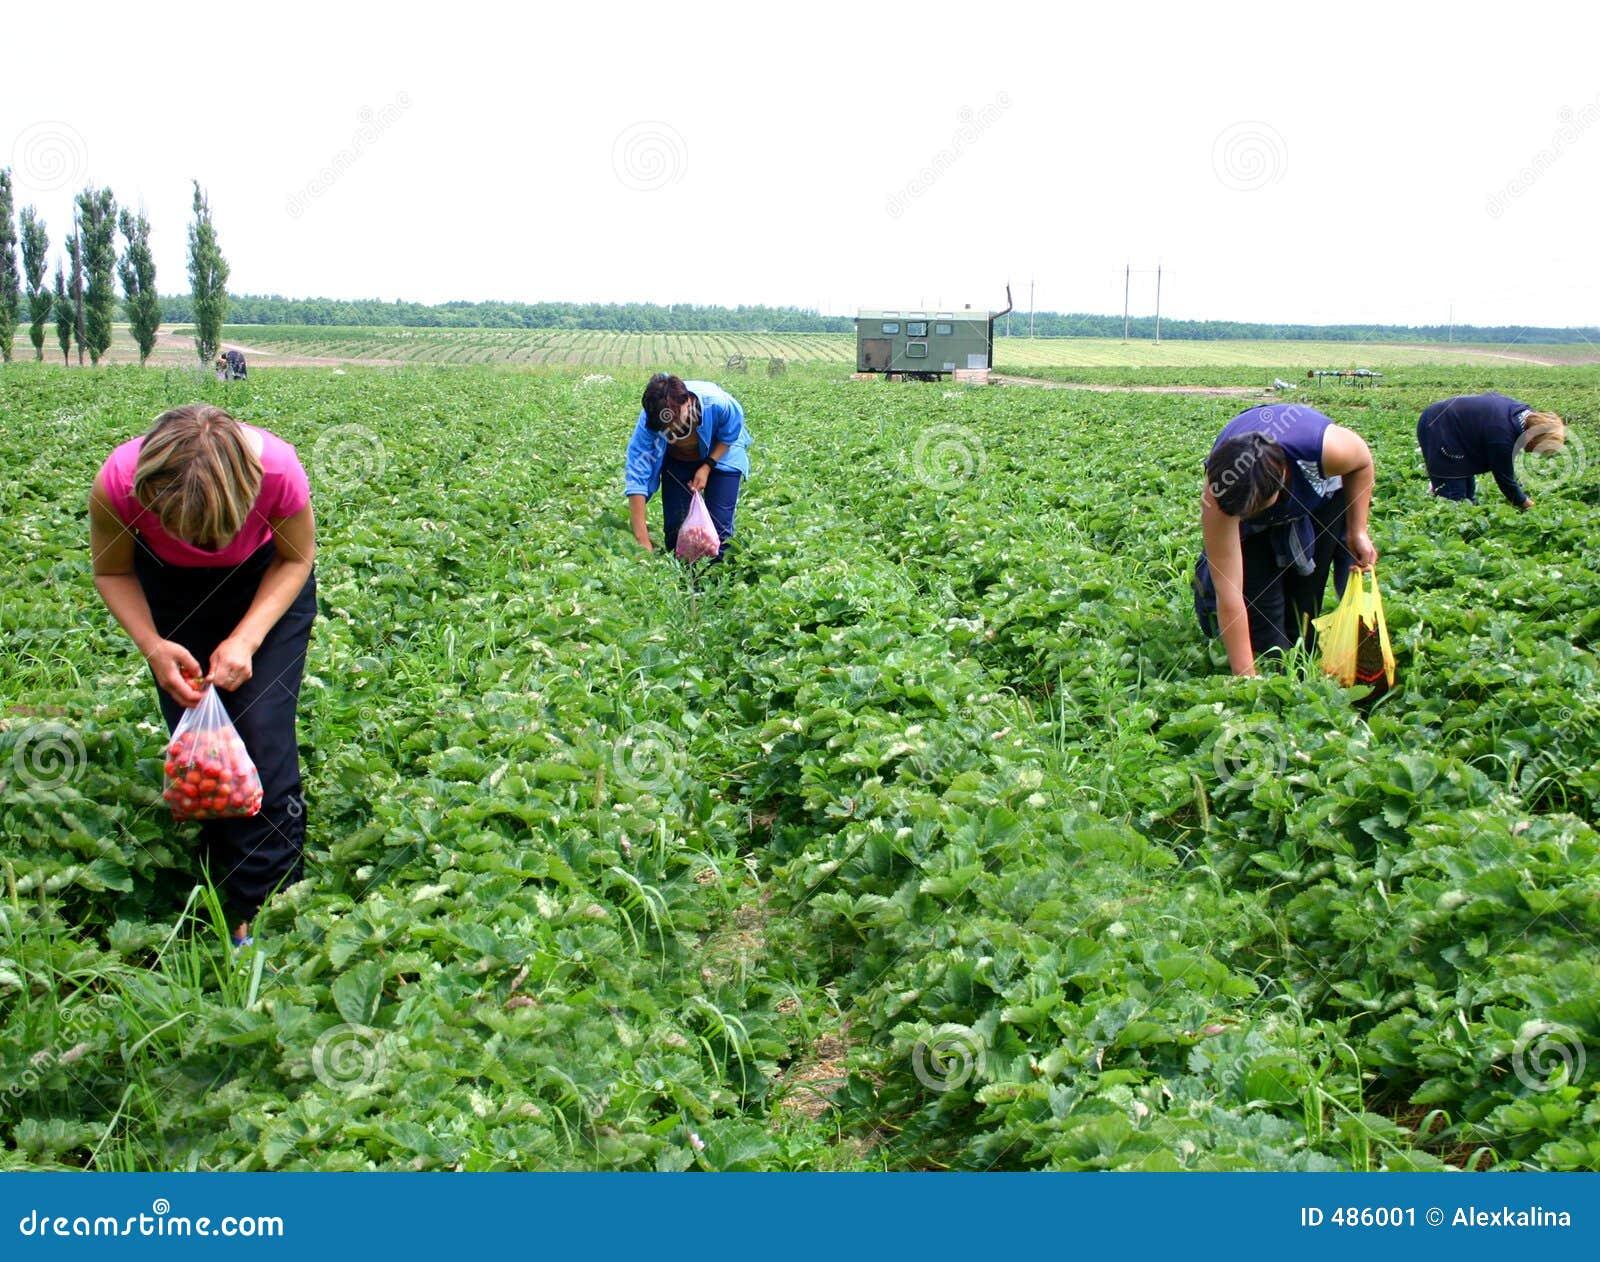 Women pick berries of strawberry